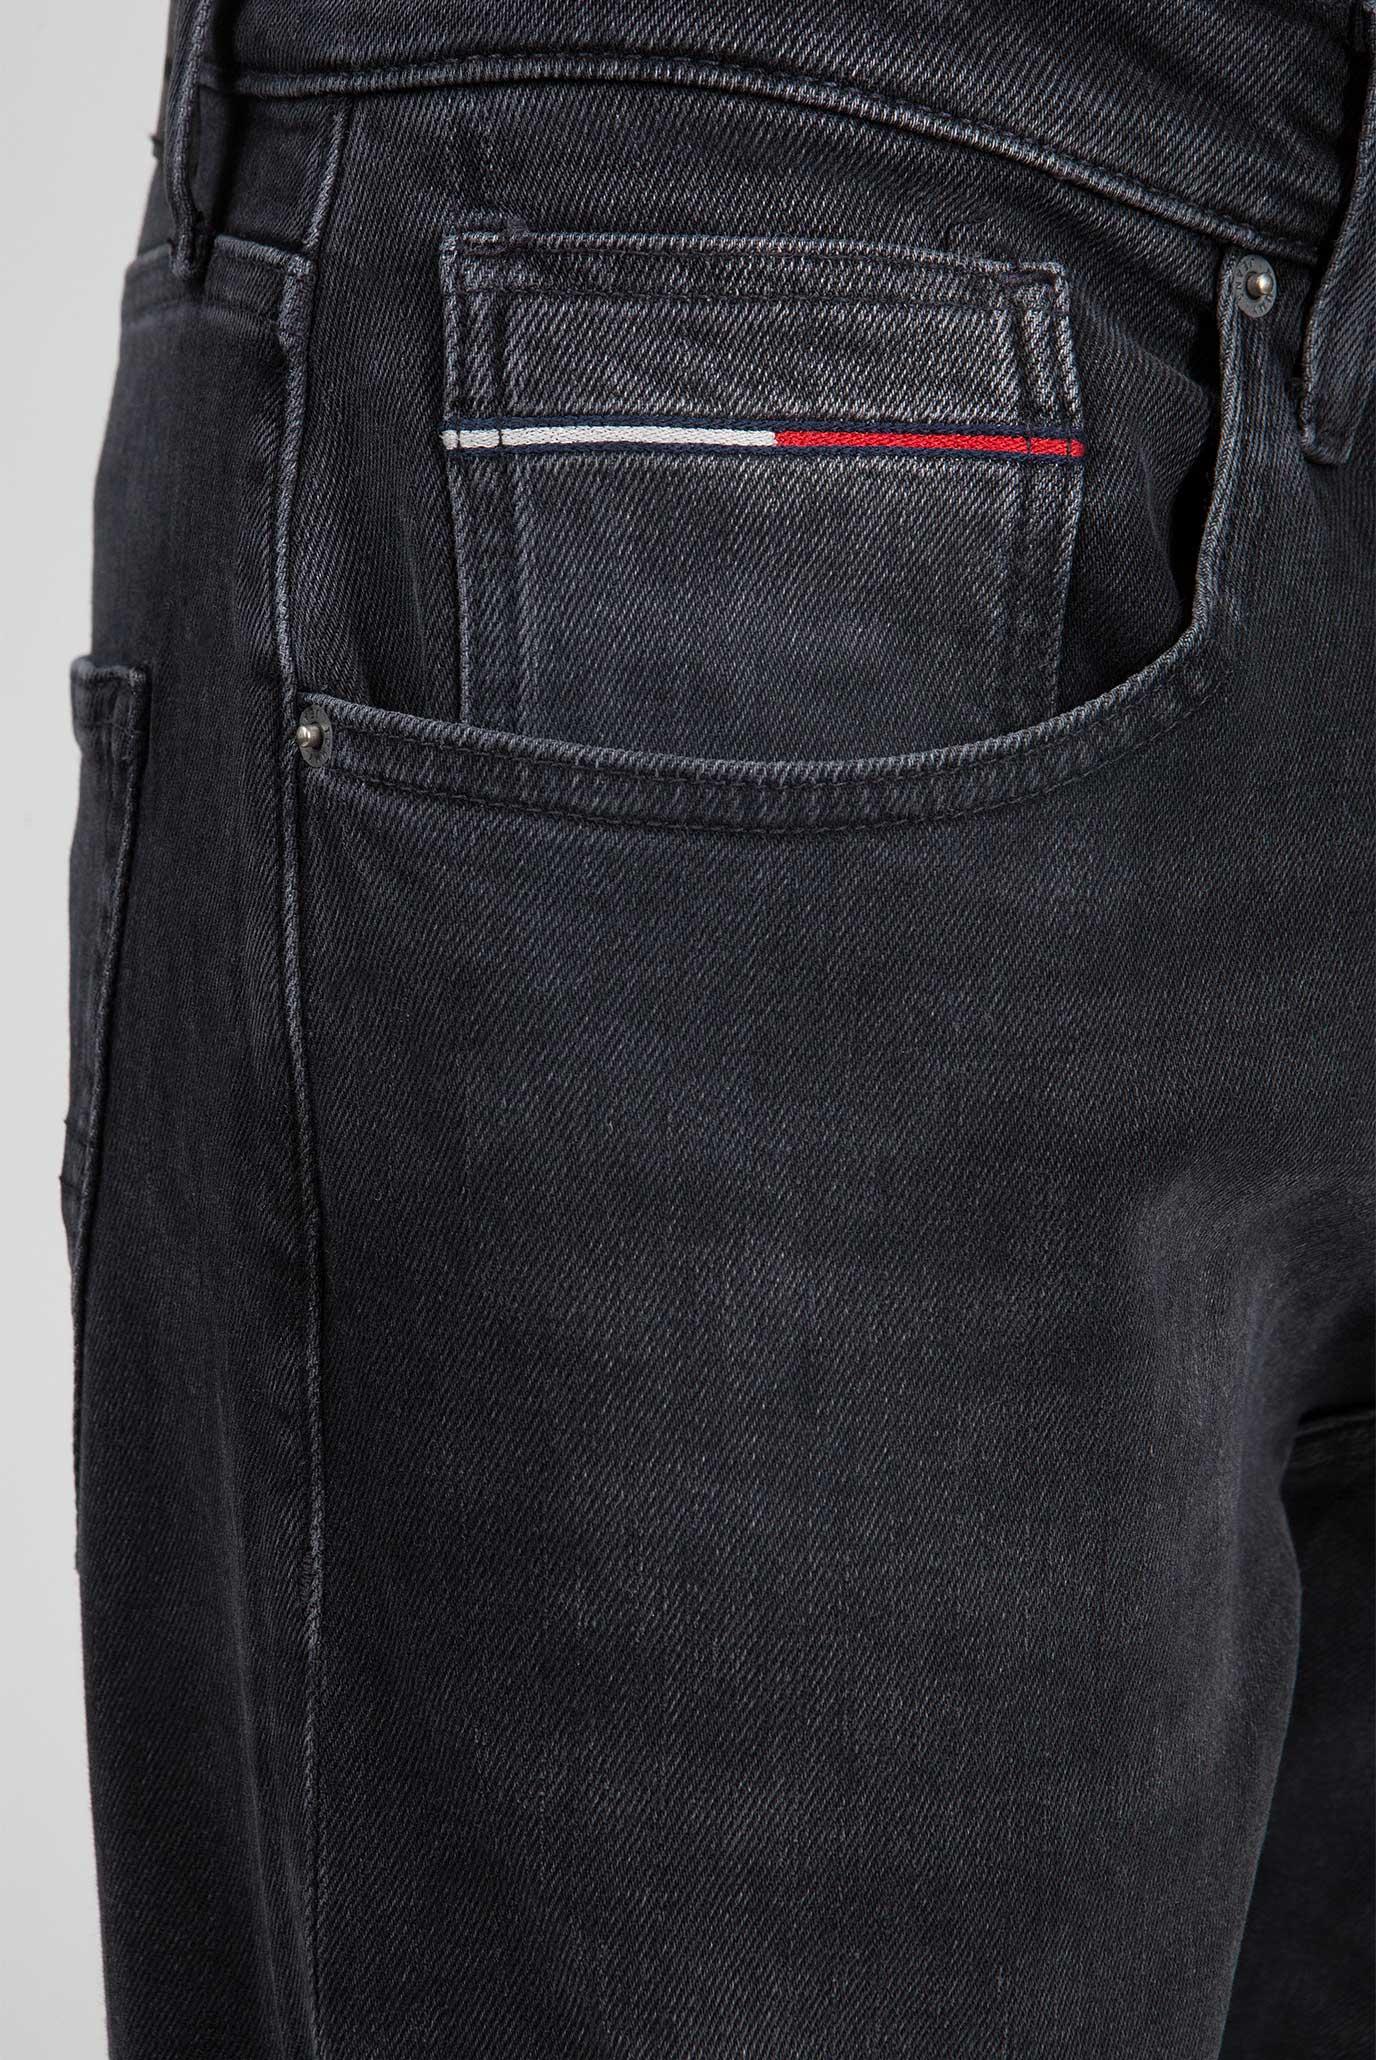 Купить Мужские темно-серые джинсы MODERN TAPERED TJ 1988 Tommy Hilfiger Tommy Hilfiger DM0DM04900 – Киев, Украина. Цены в интернет магазине MD Fashion